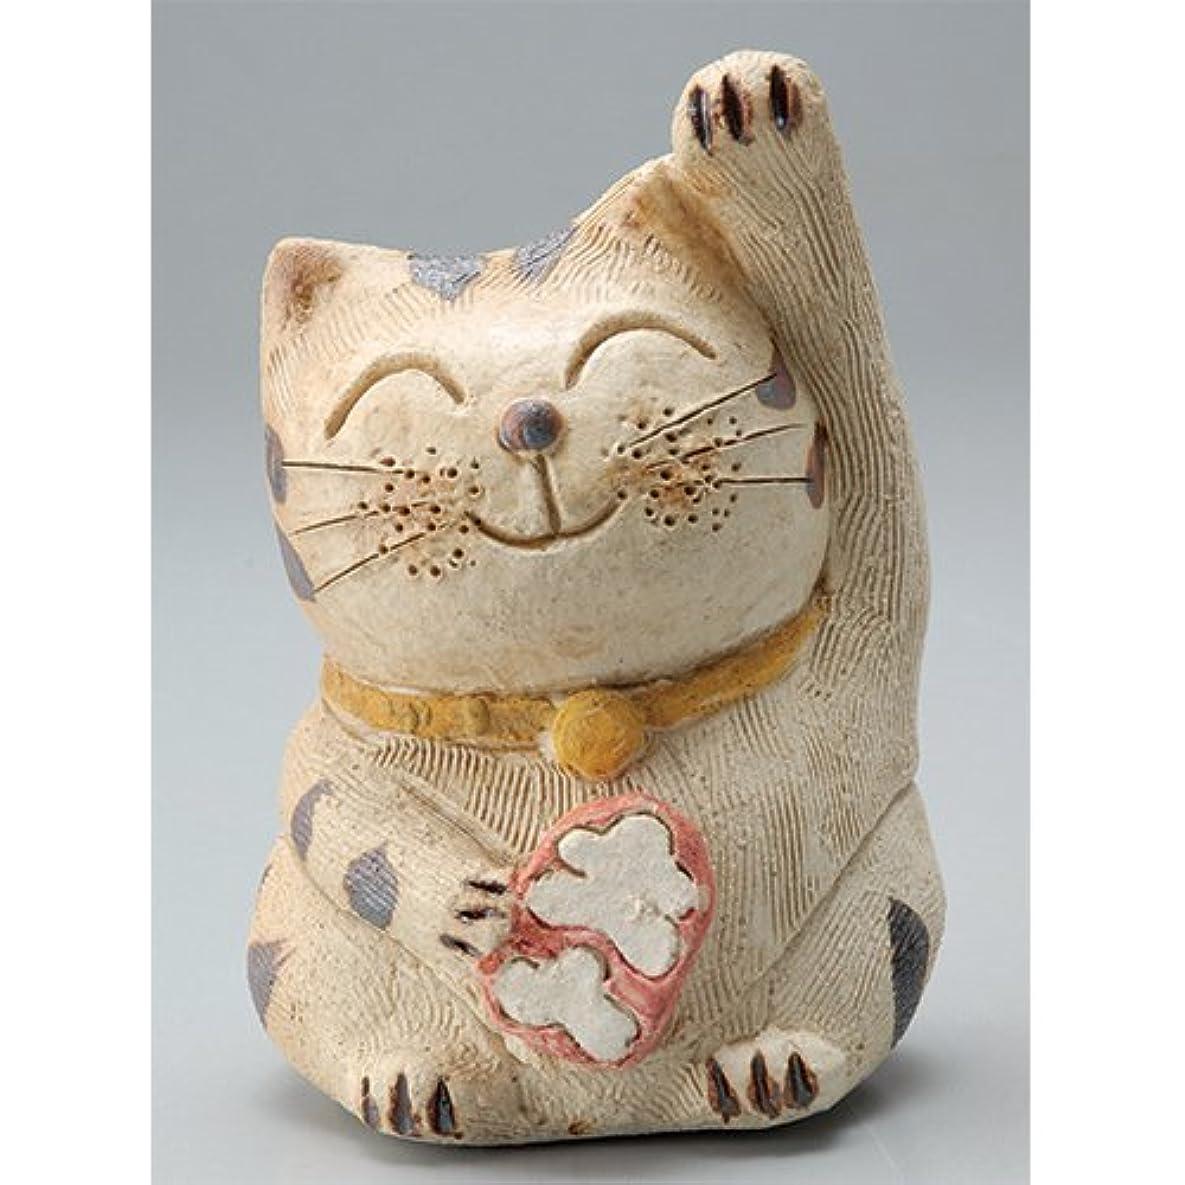 適切にめったにひどい香炉 微笑み招き猫(人招き)香炉(中) [H14cm] HANDMADE プレゼント ギフト 和食器 かわいい インテリア